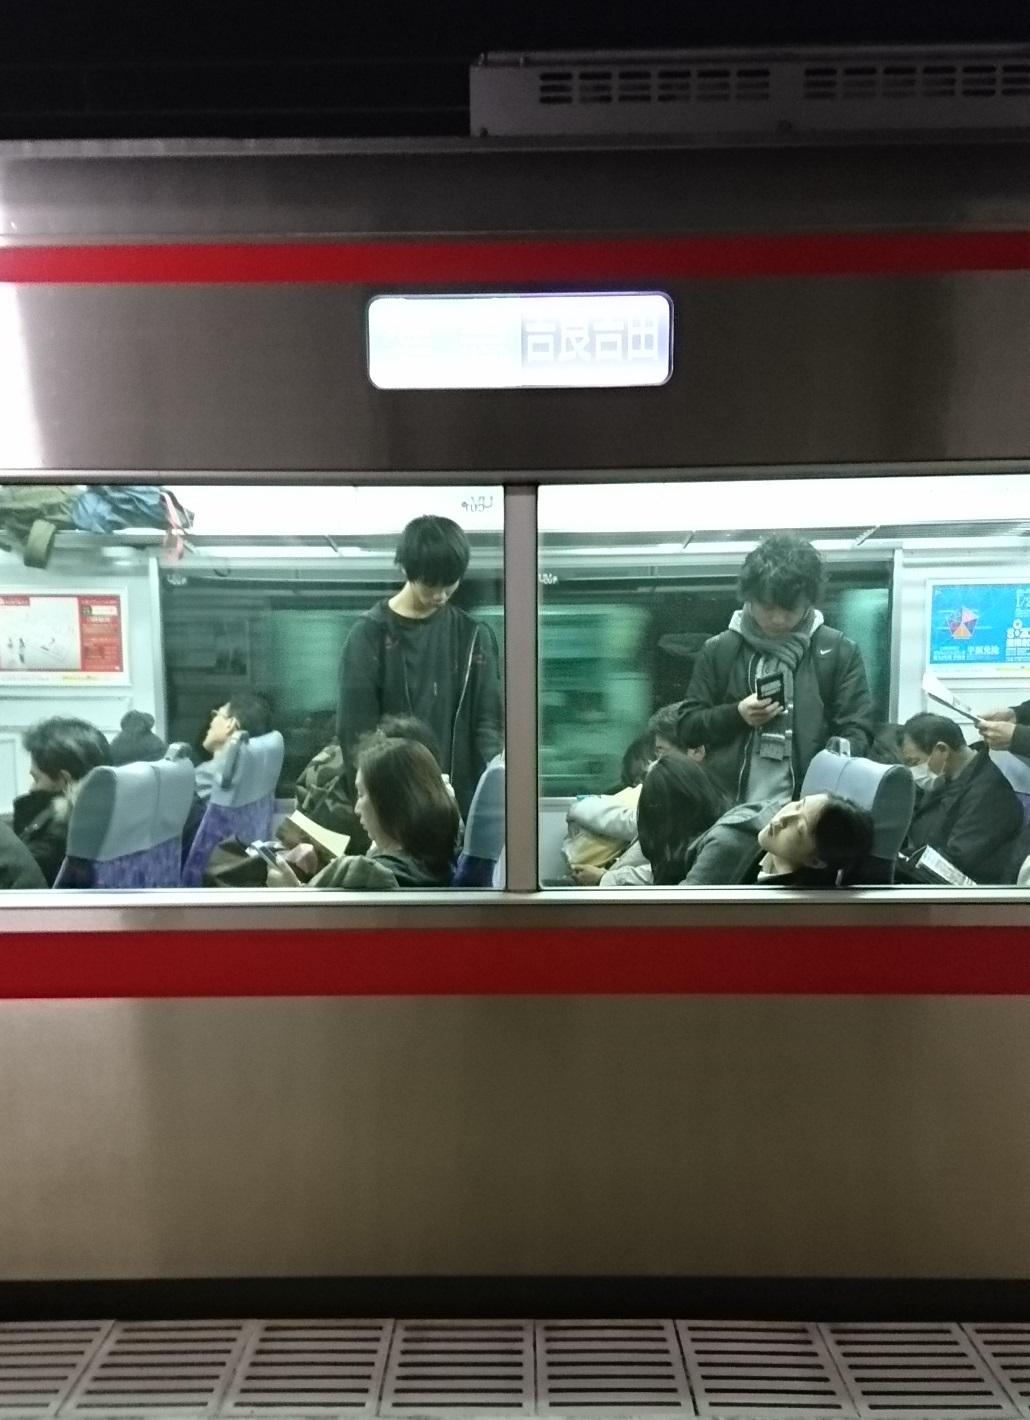 2016.12.14 みなみあんじょう - 吉良吉田いき準急 (3) 1030-1420